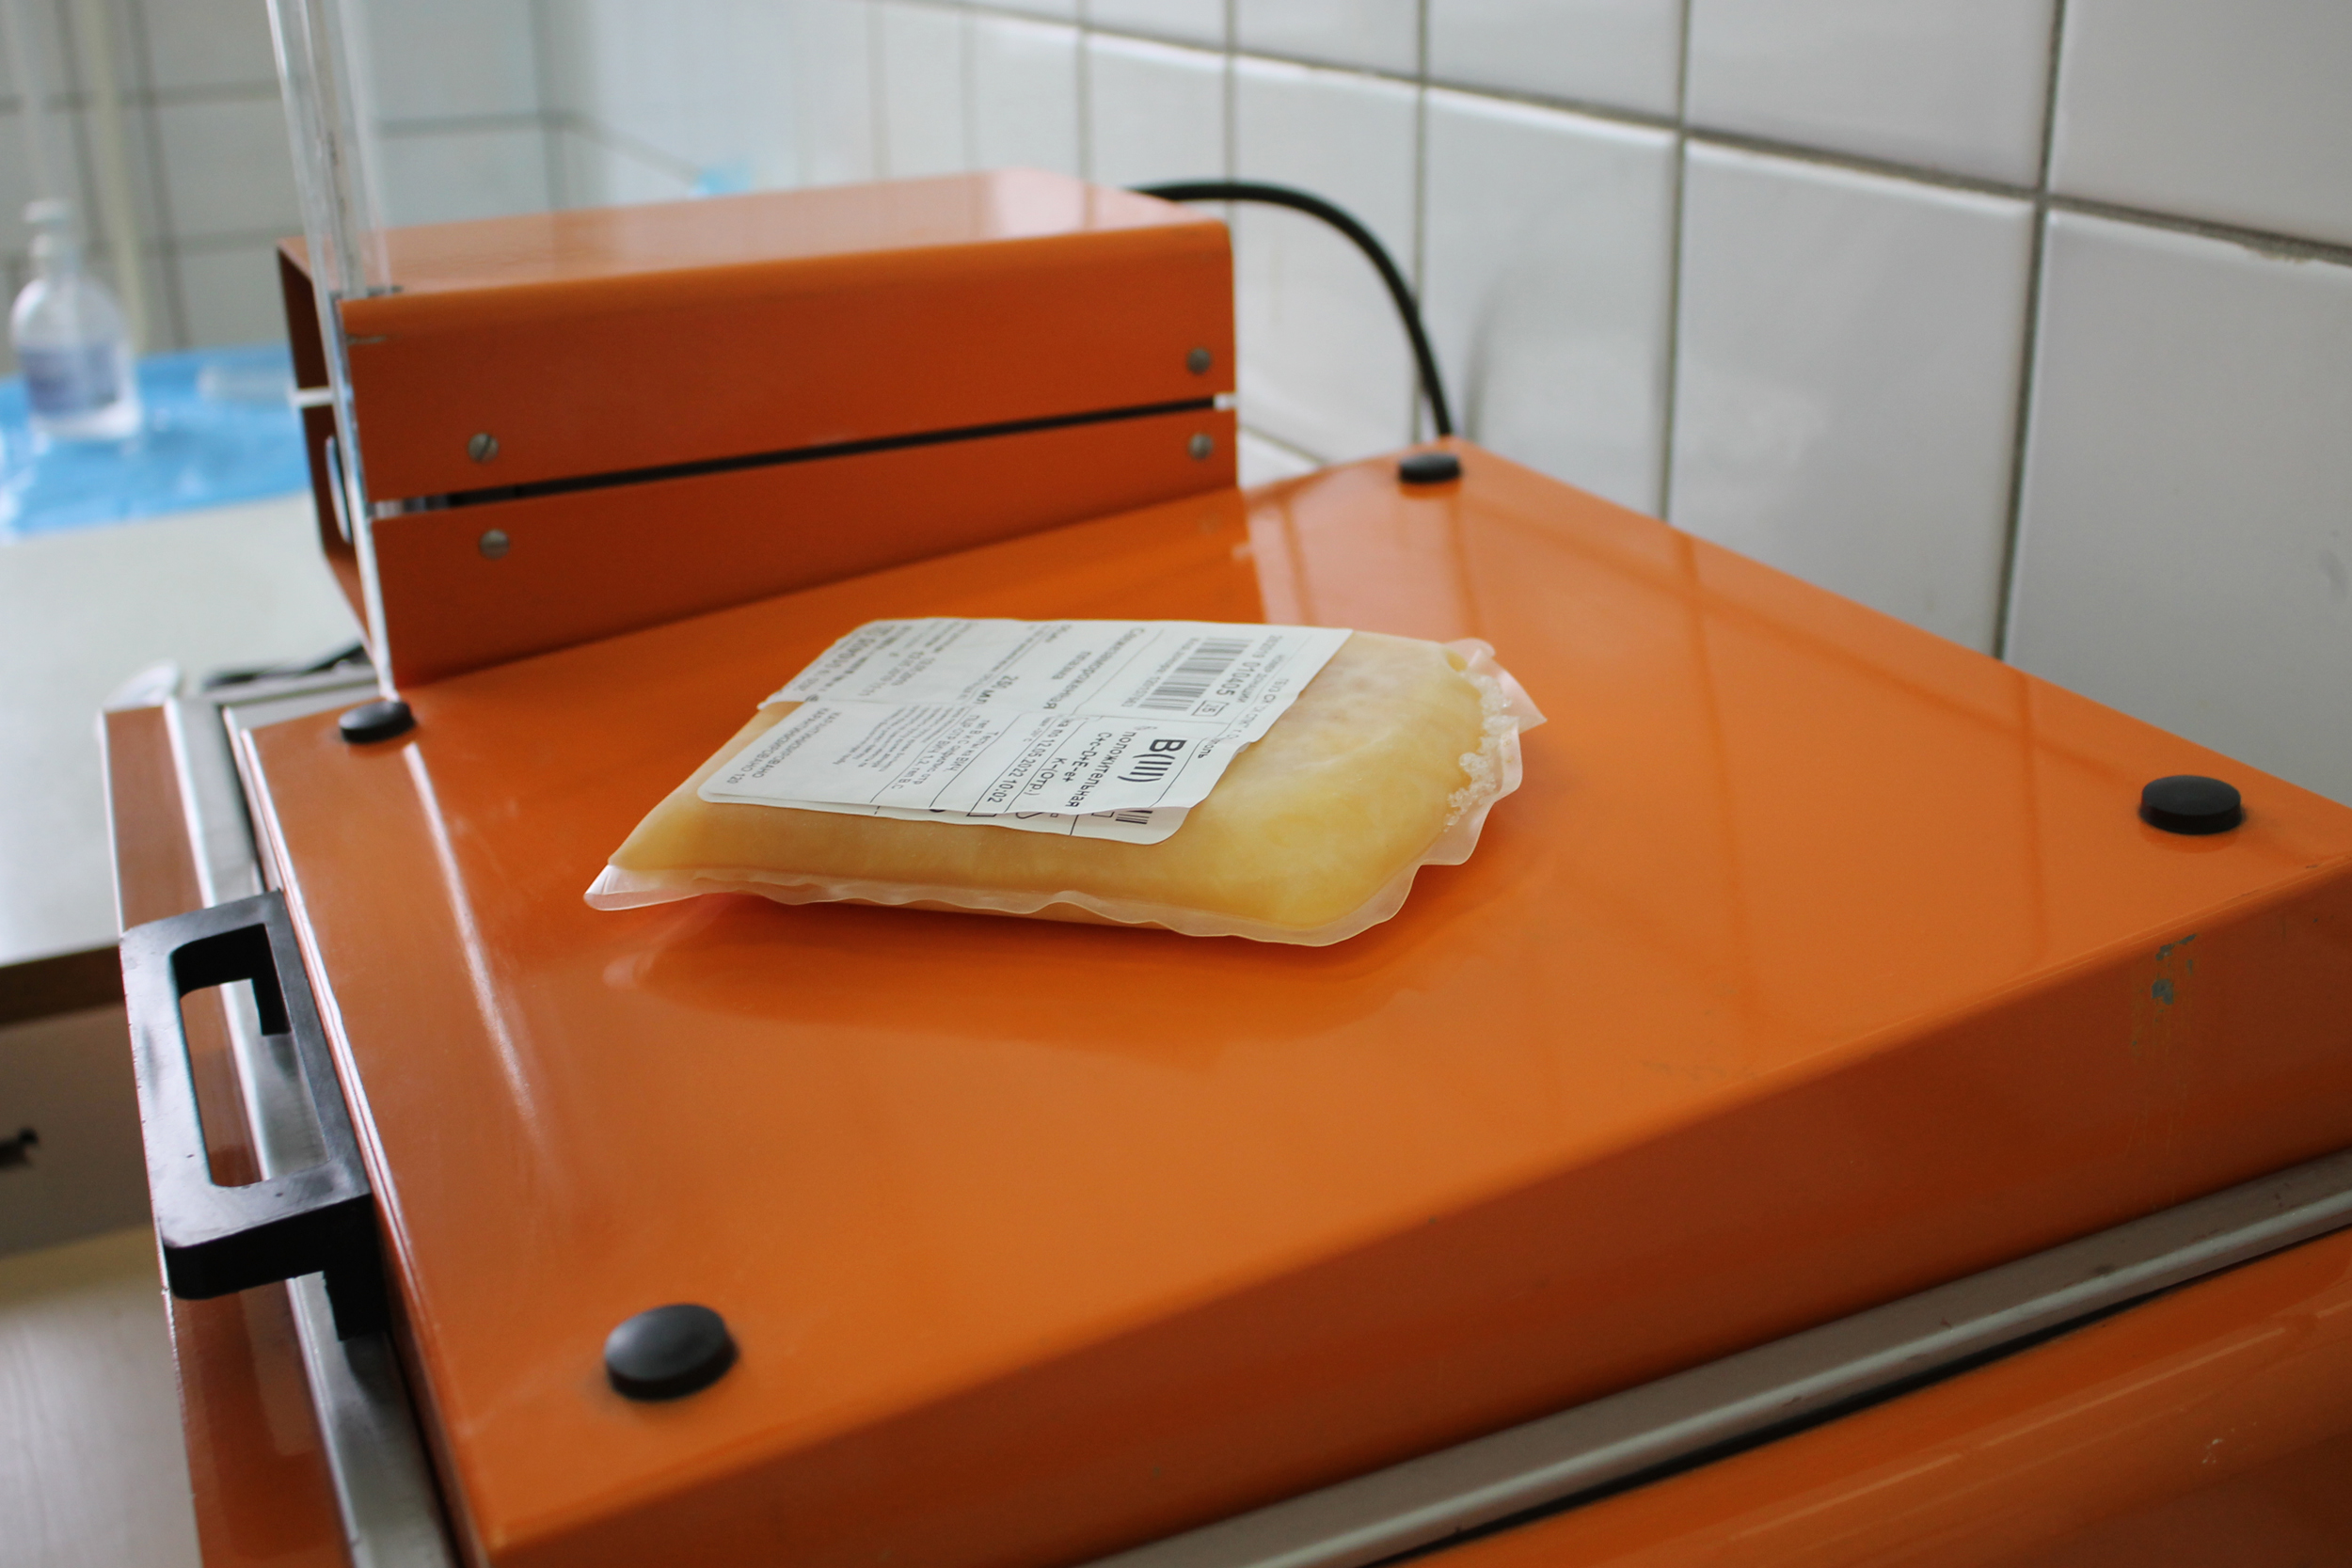 Больницам, работающим в плановом режиме, из-за пандемии остро не хватает донорской крови, требуется помощь